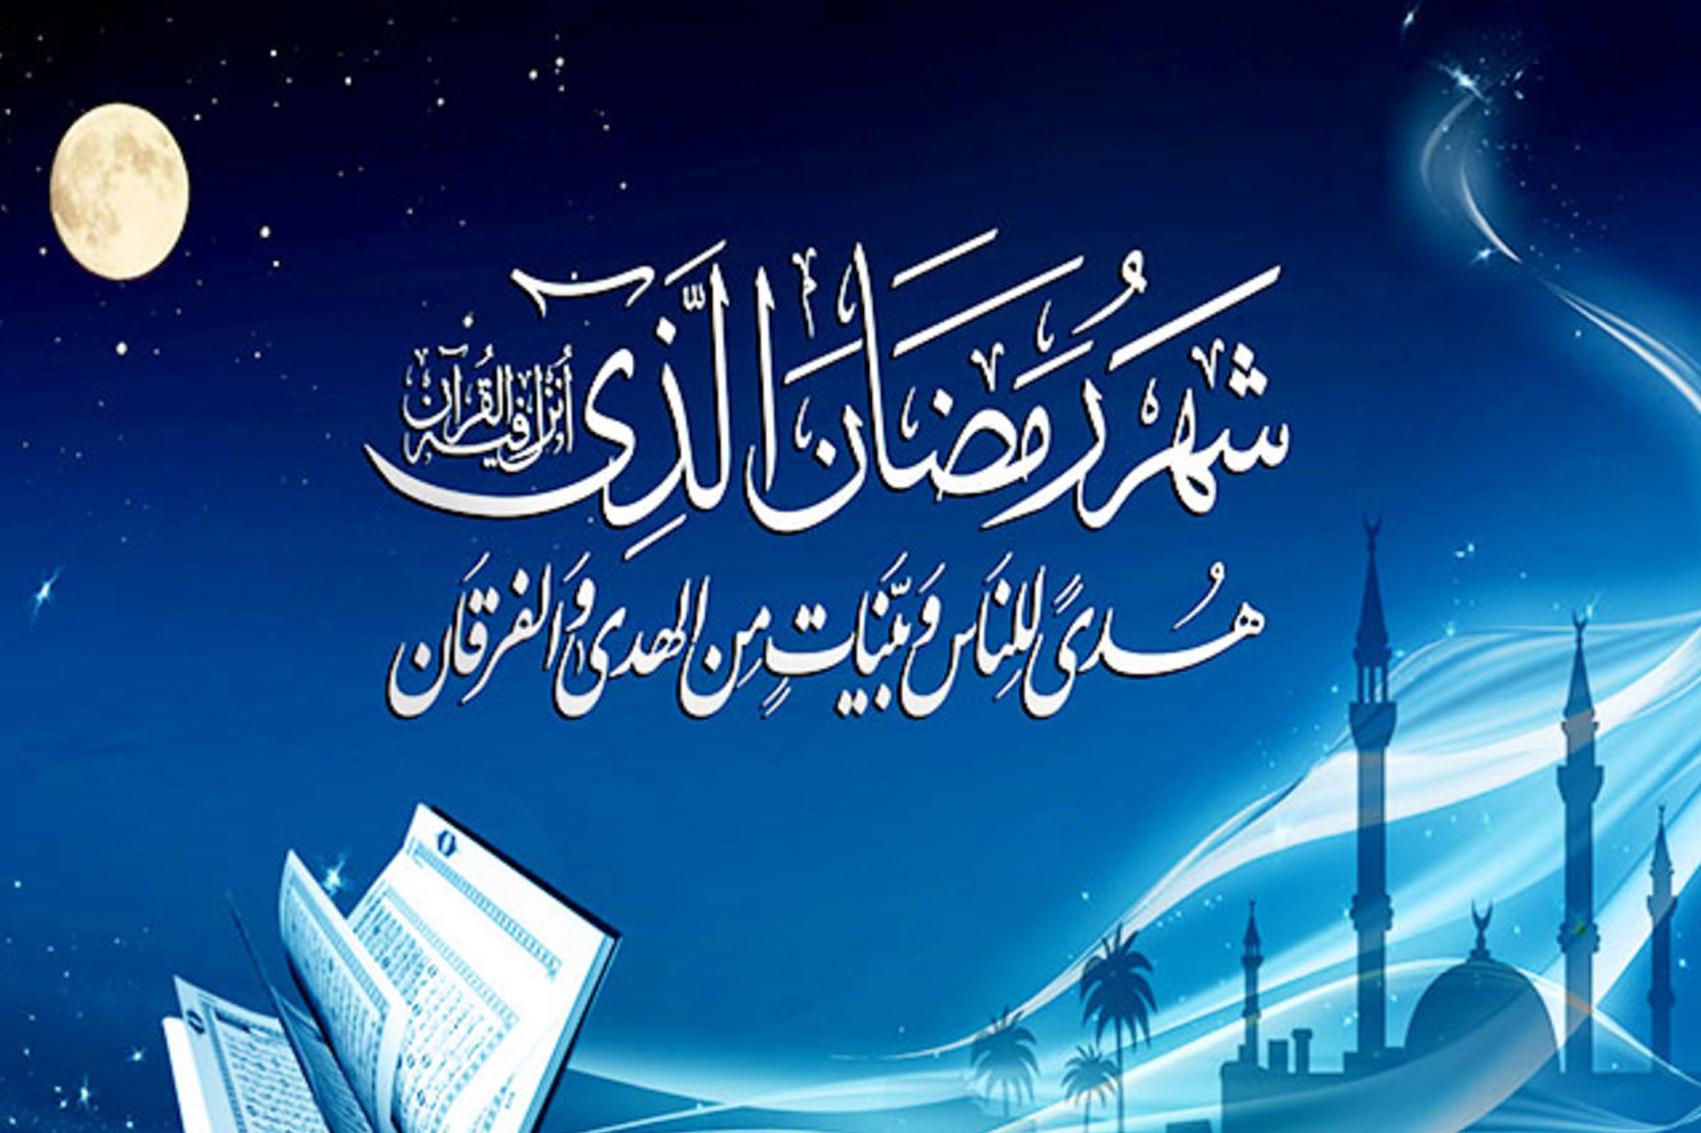 أذكار رمضان أجمل الأدعية التي تعرفها قبل دخول رمضان